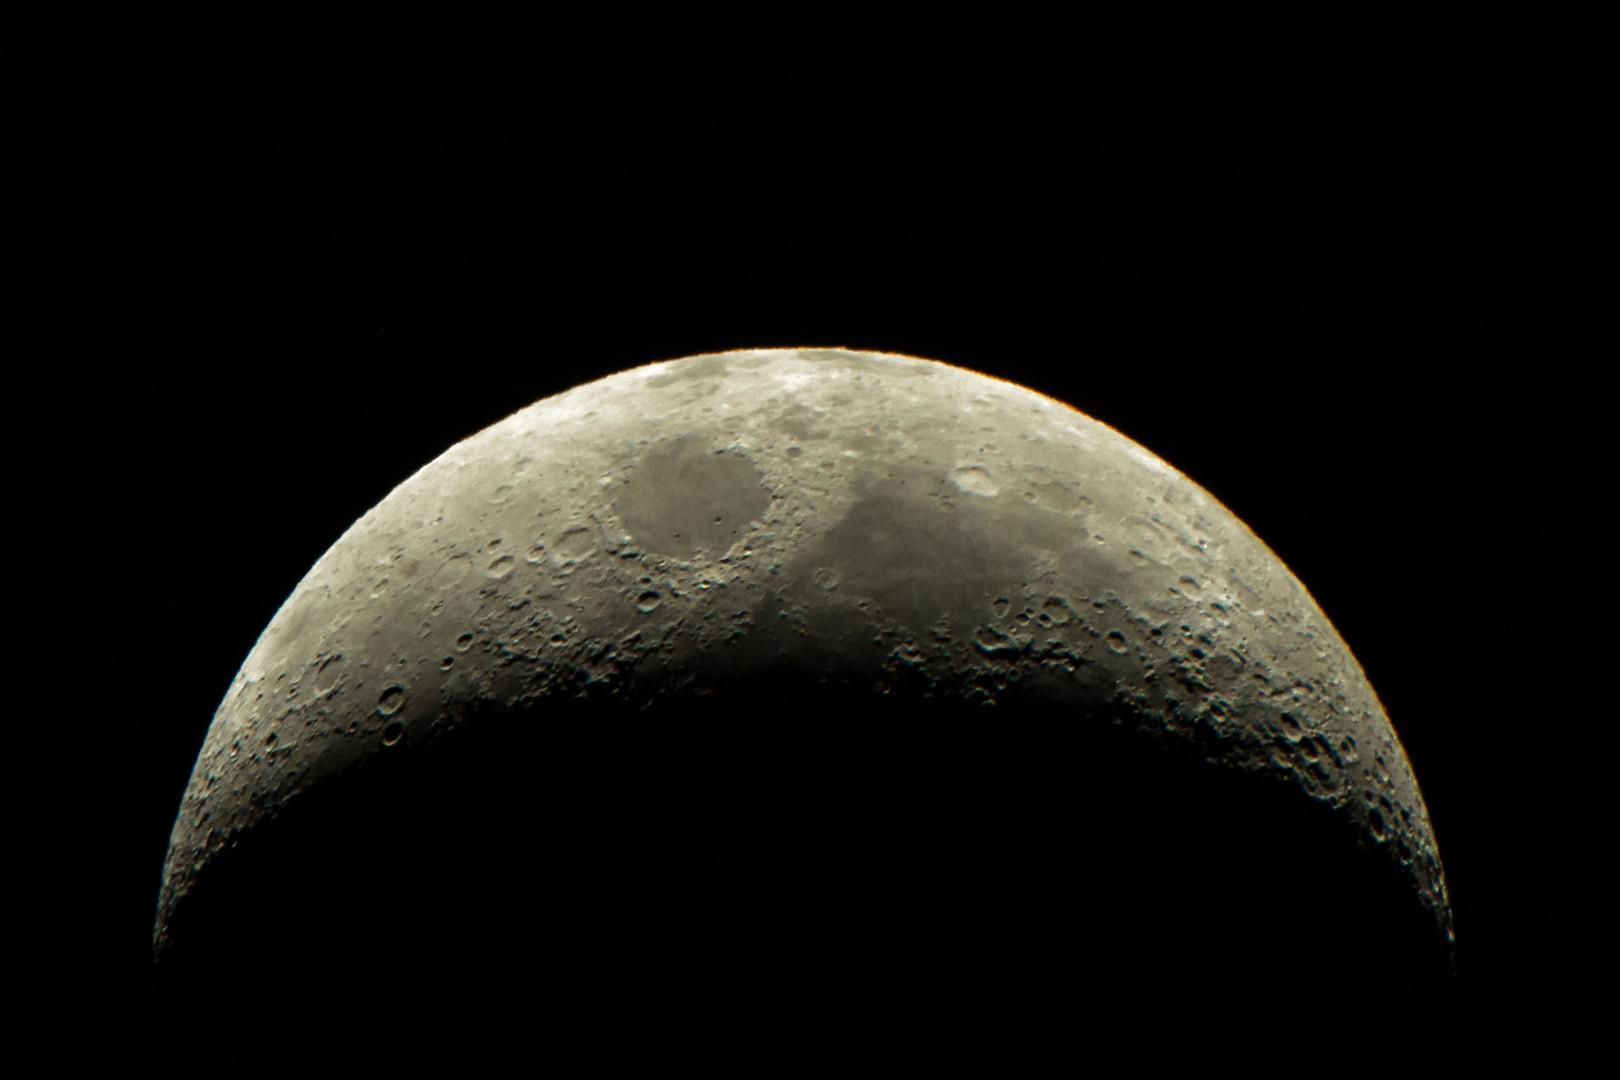 Обитаемый спутник: в Роскосмосе рассказали о проекте лунной базы